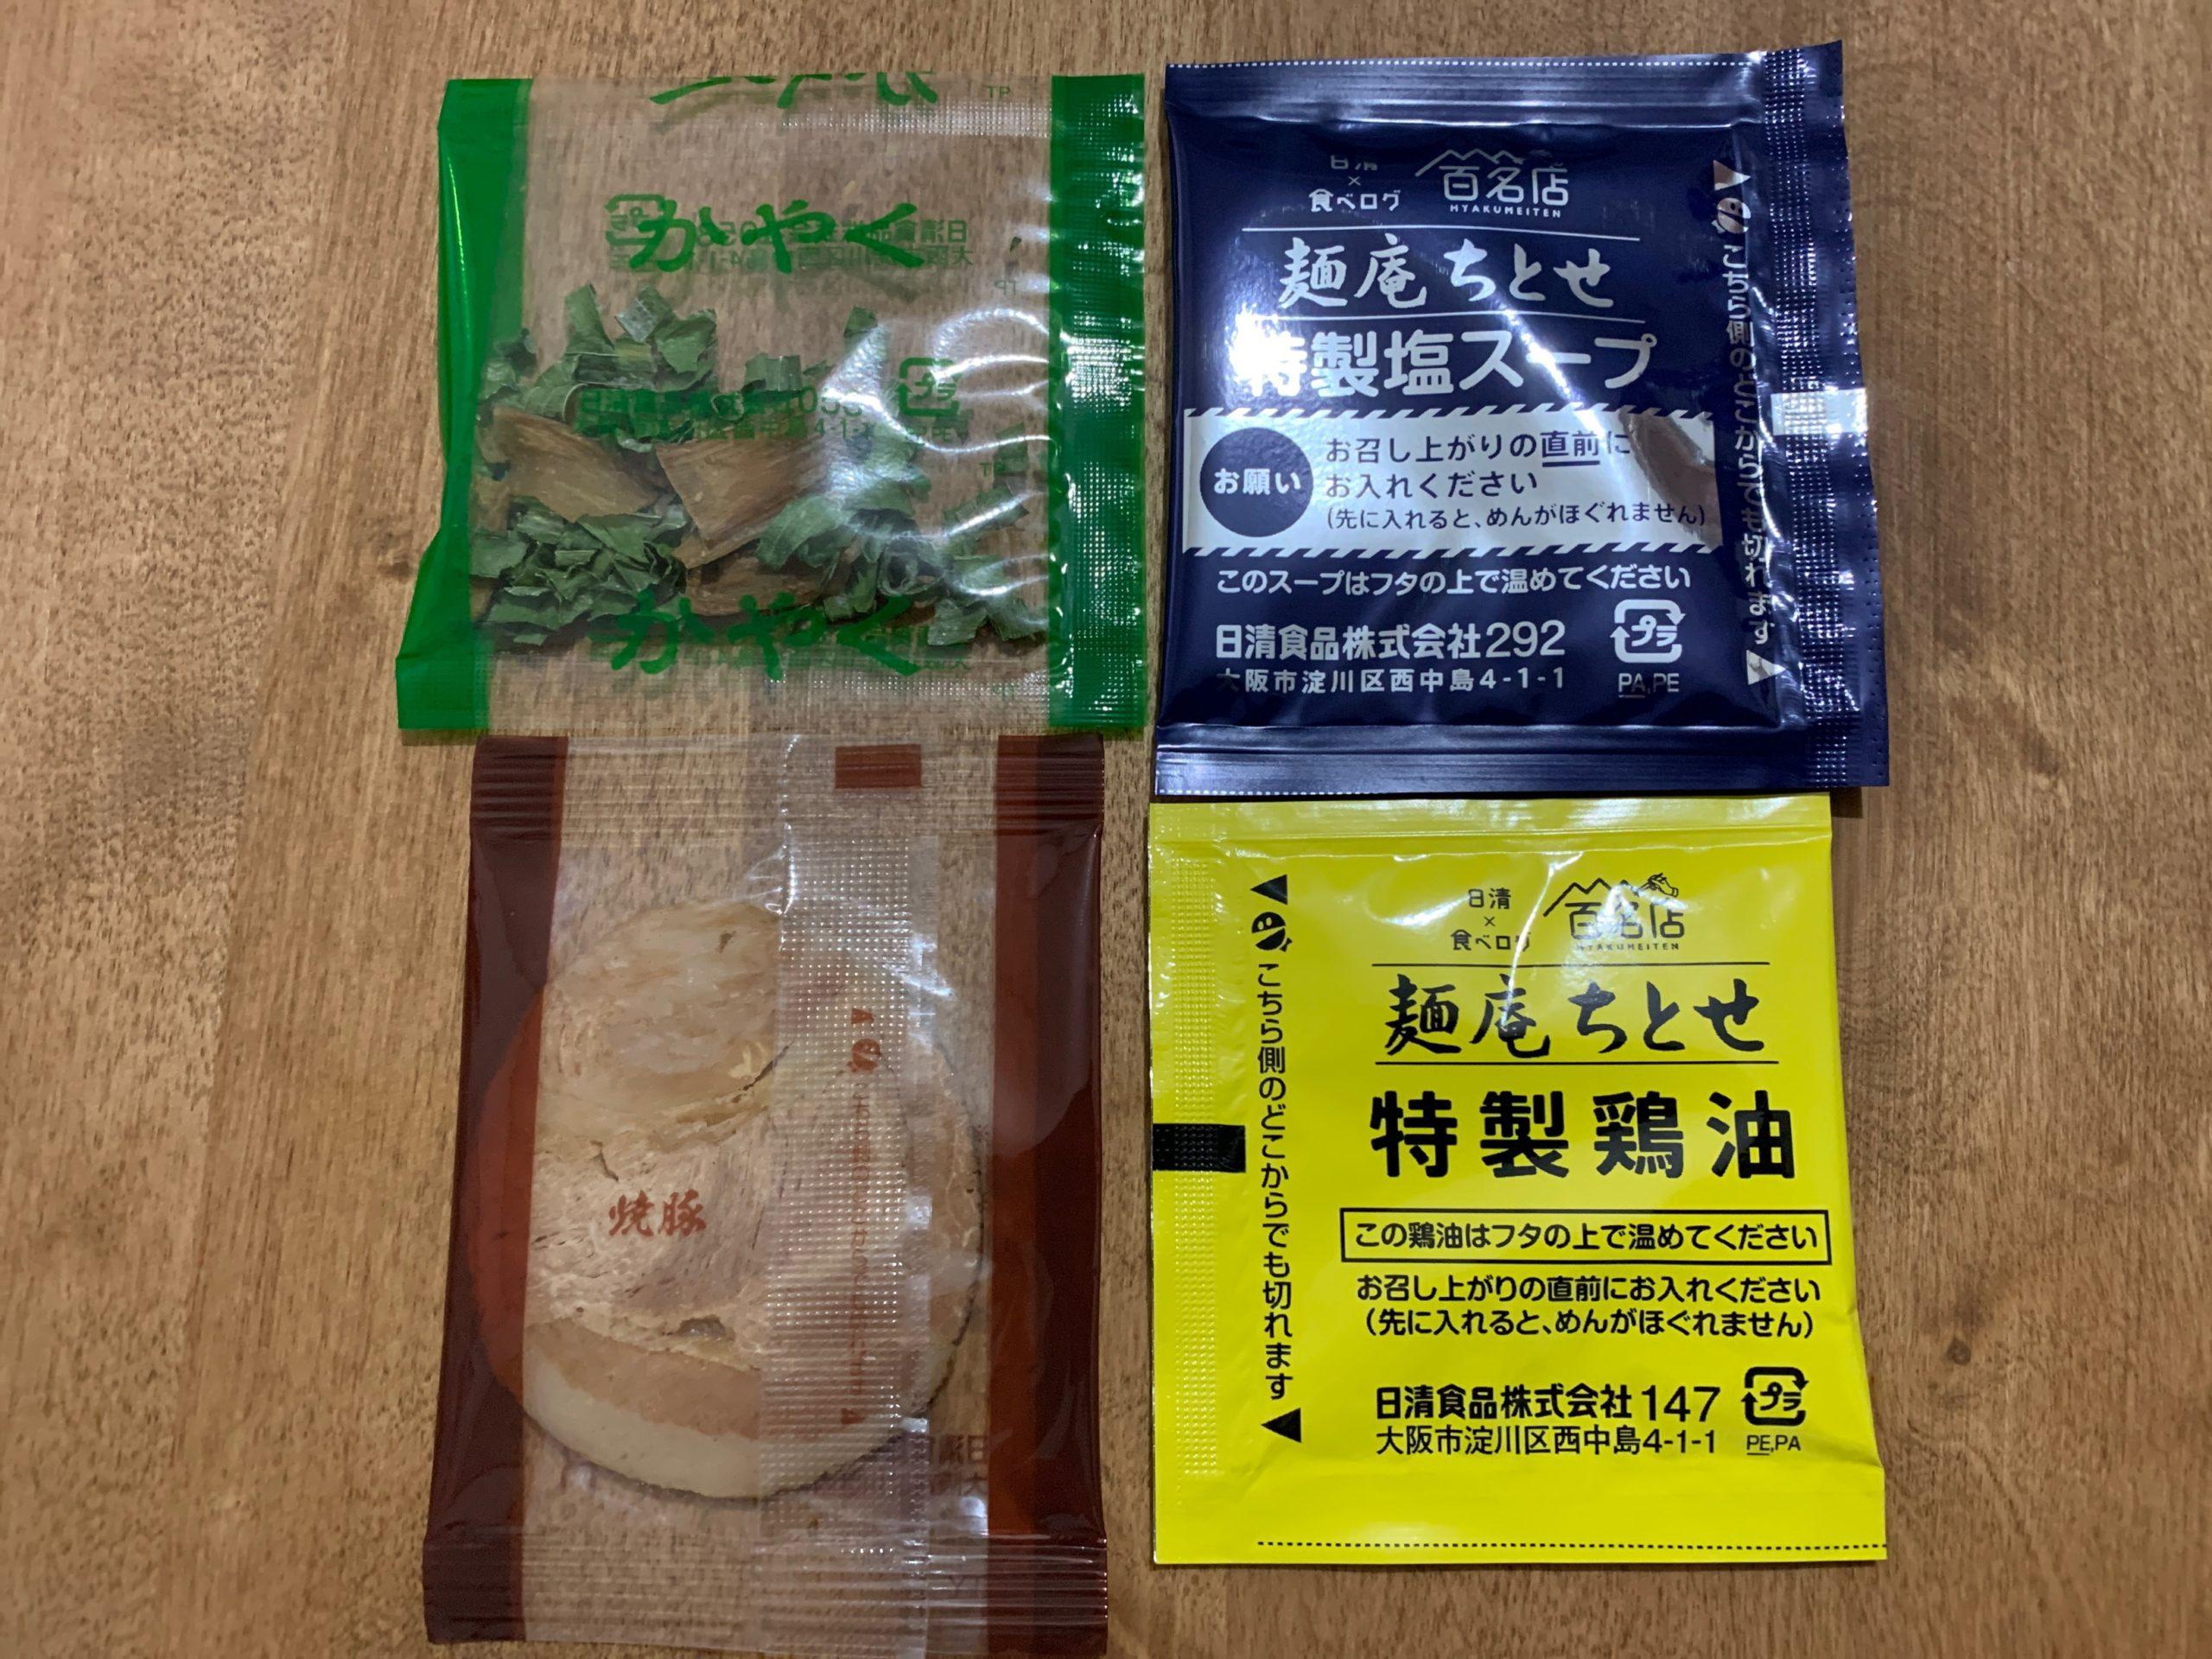 曙橋麺庵ちとせカップ麺のかやく